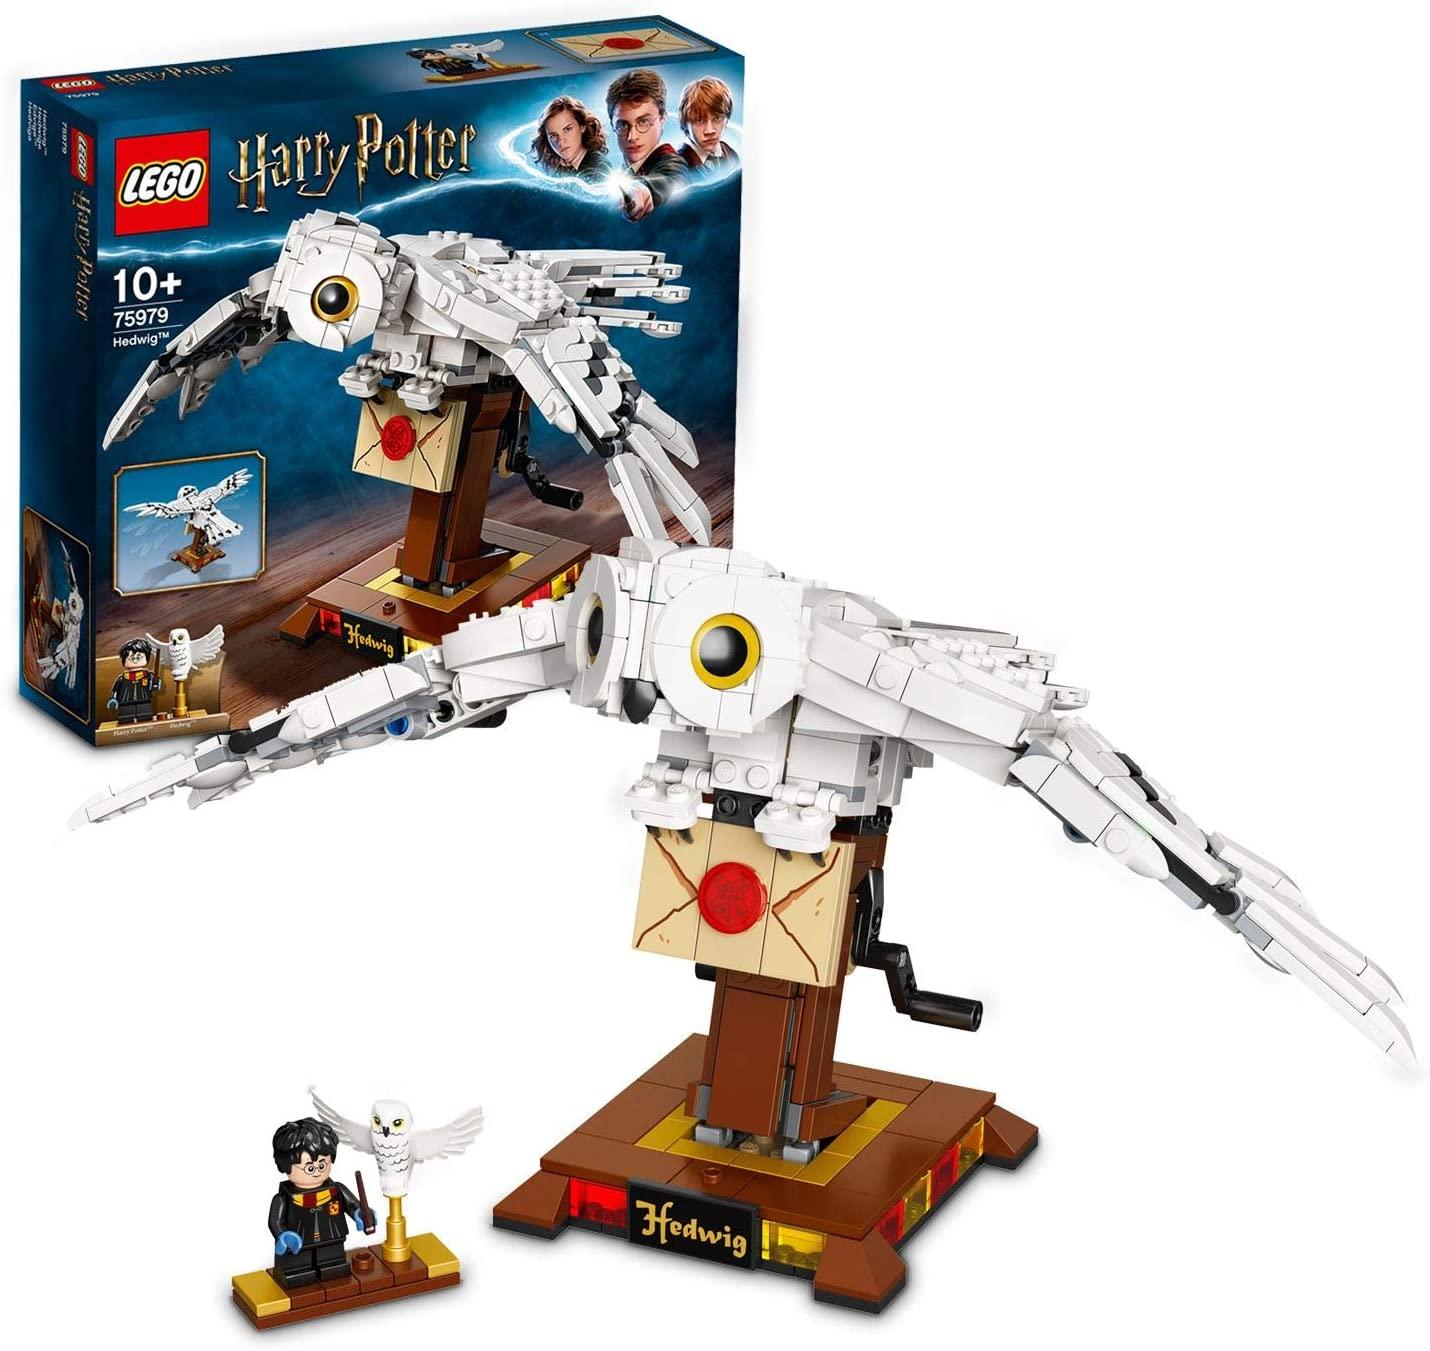 LEGO 75979 Harry Potter Hedwig the Owl Figure - £29.95 @ Amazon